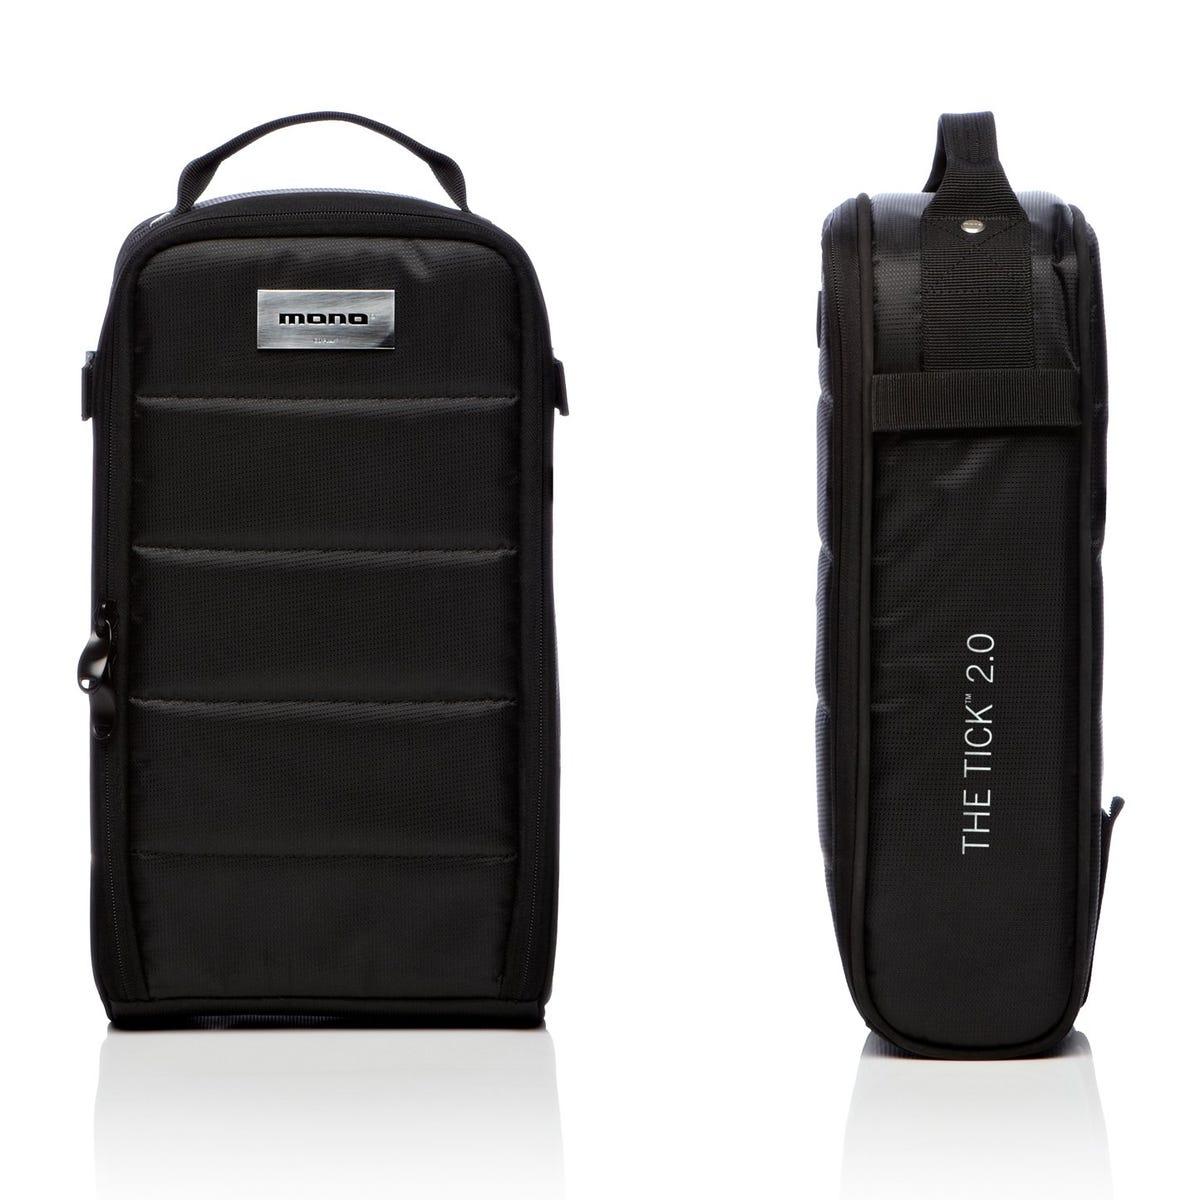 Mono M80 Tick V2 Accessory Case - Black